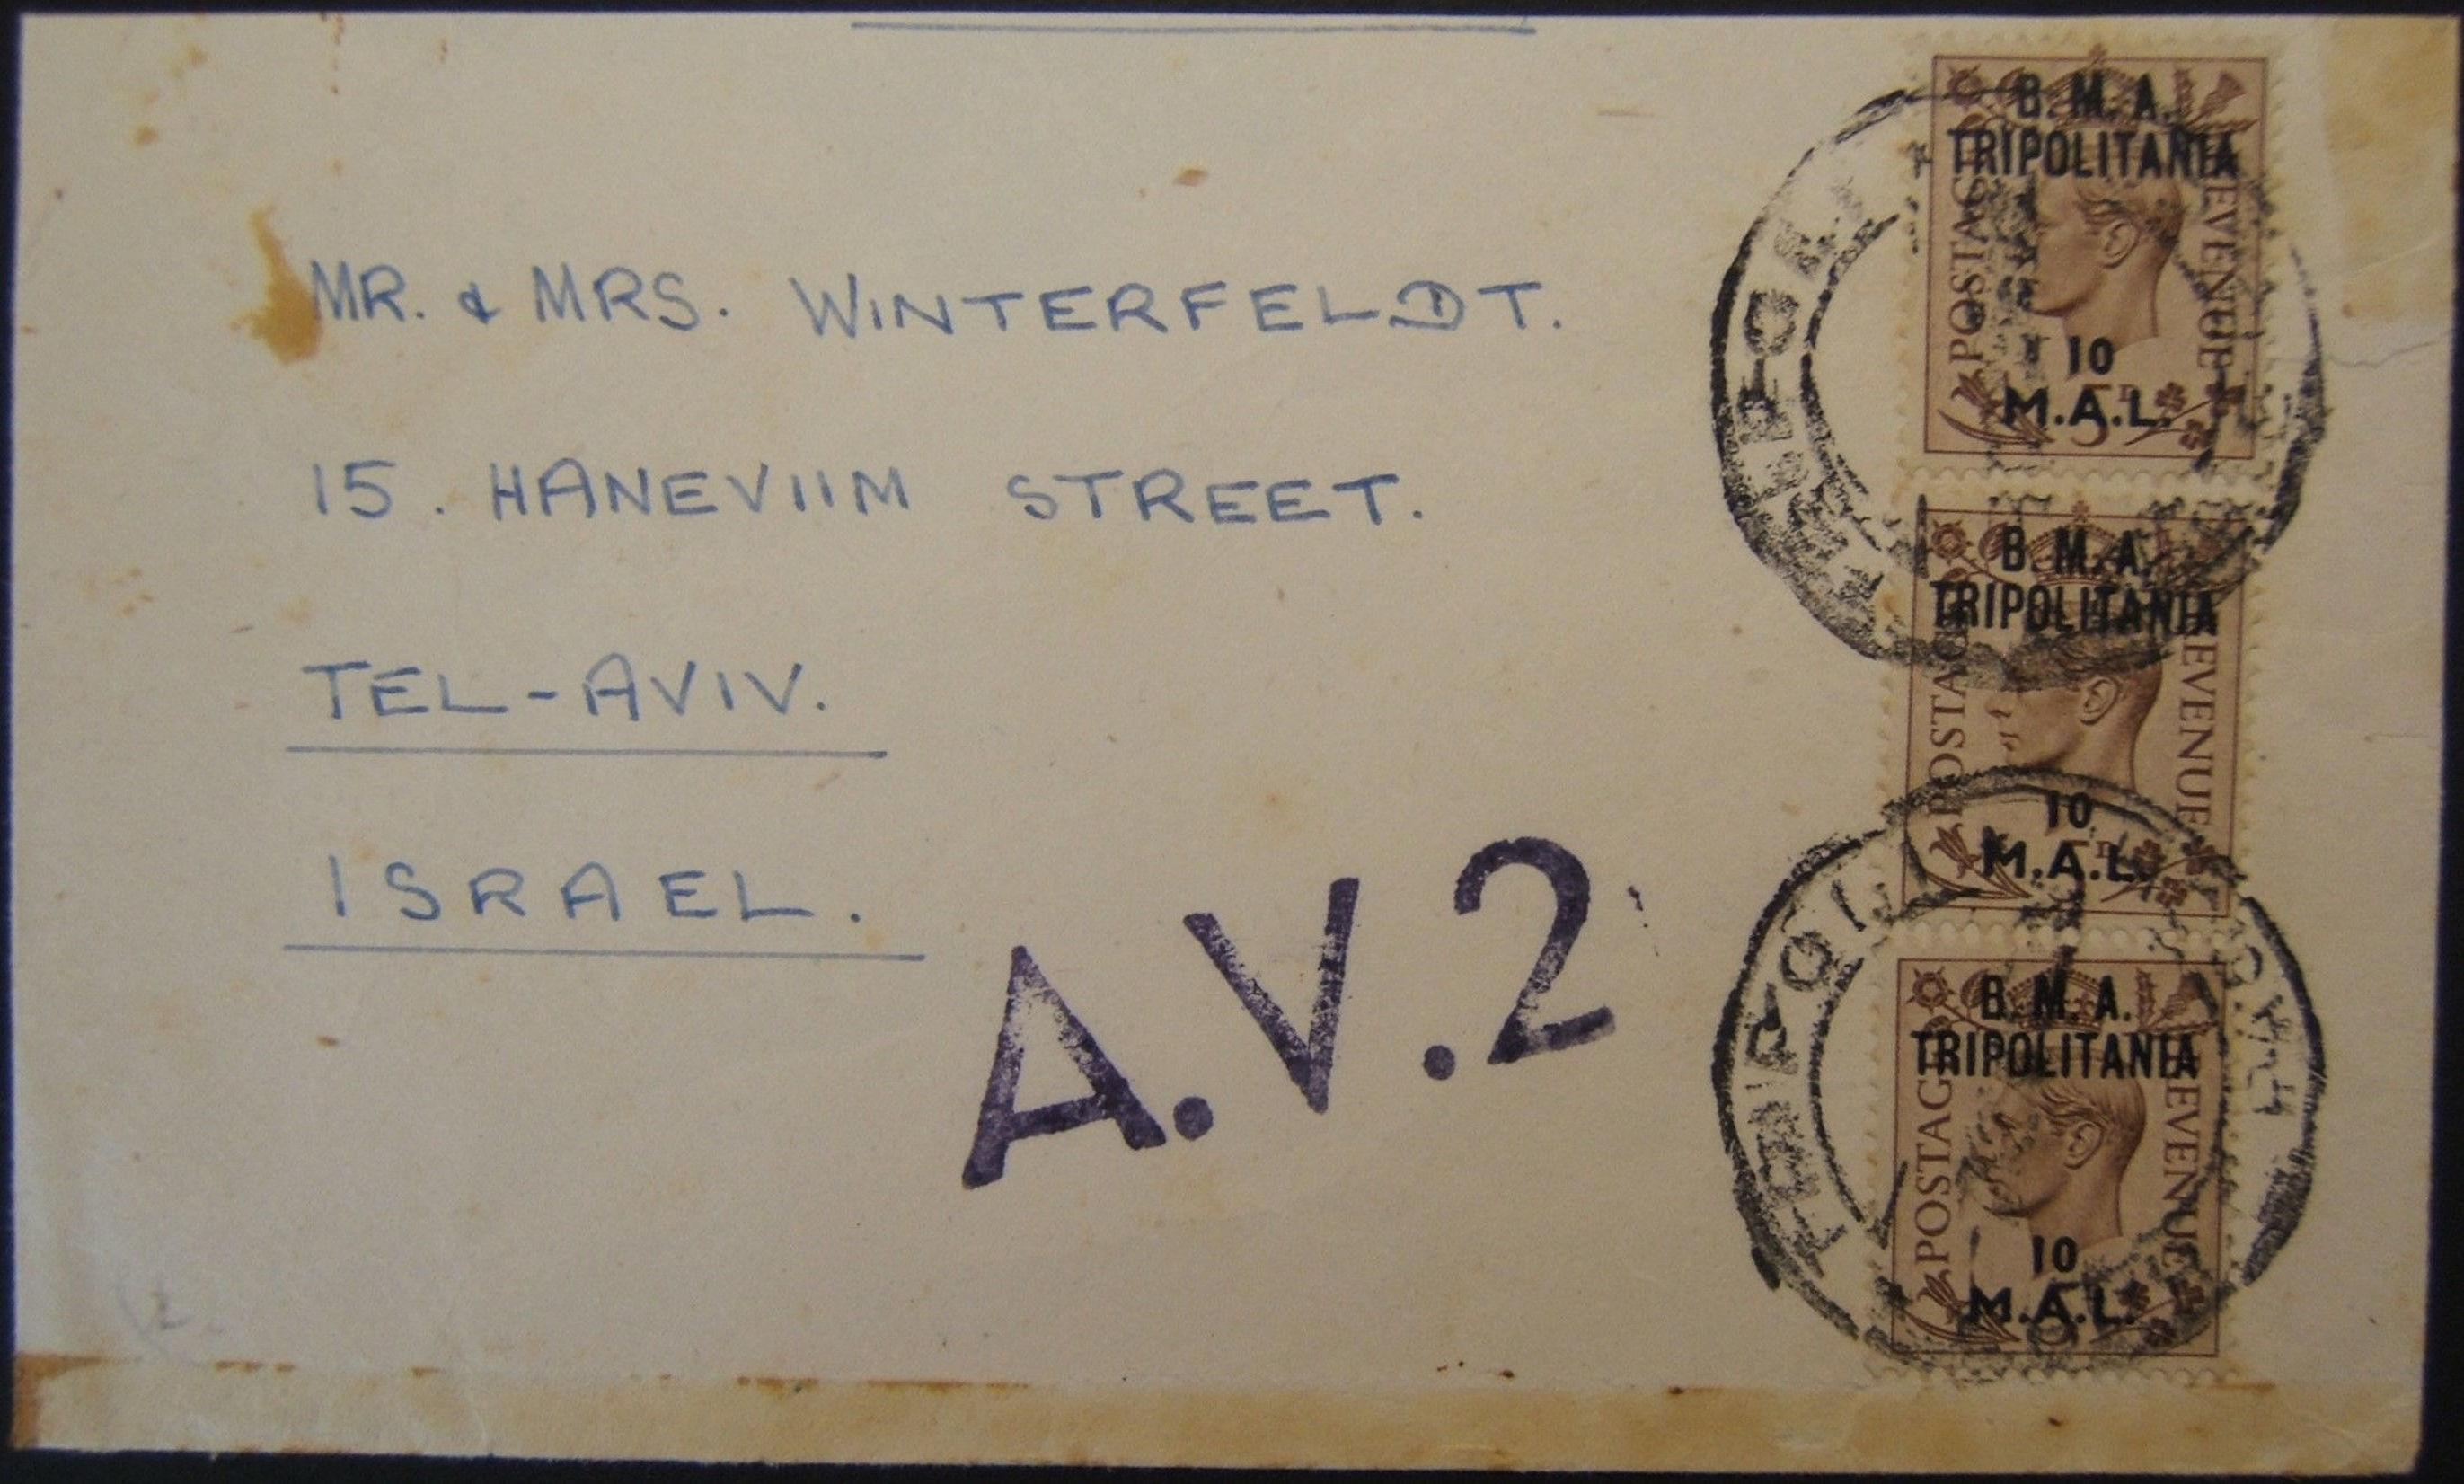 1948-1950 airmail cover from TRIPOLITANIA to TEL AVIV; overprinted franks & marked AV2